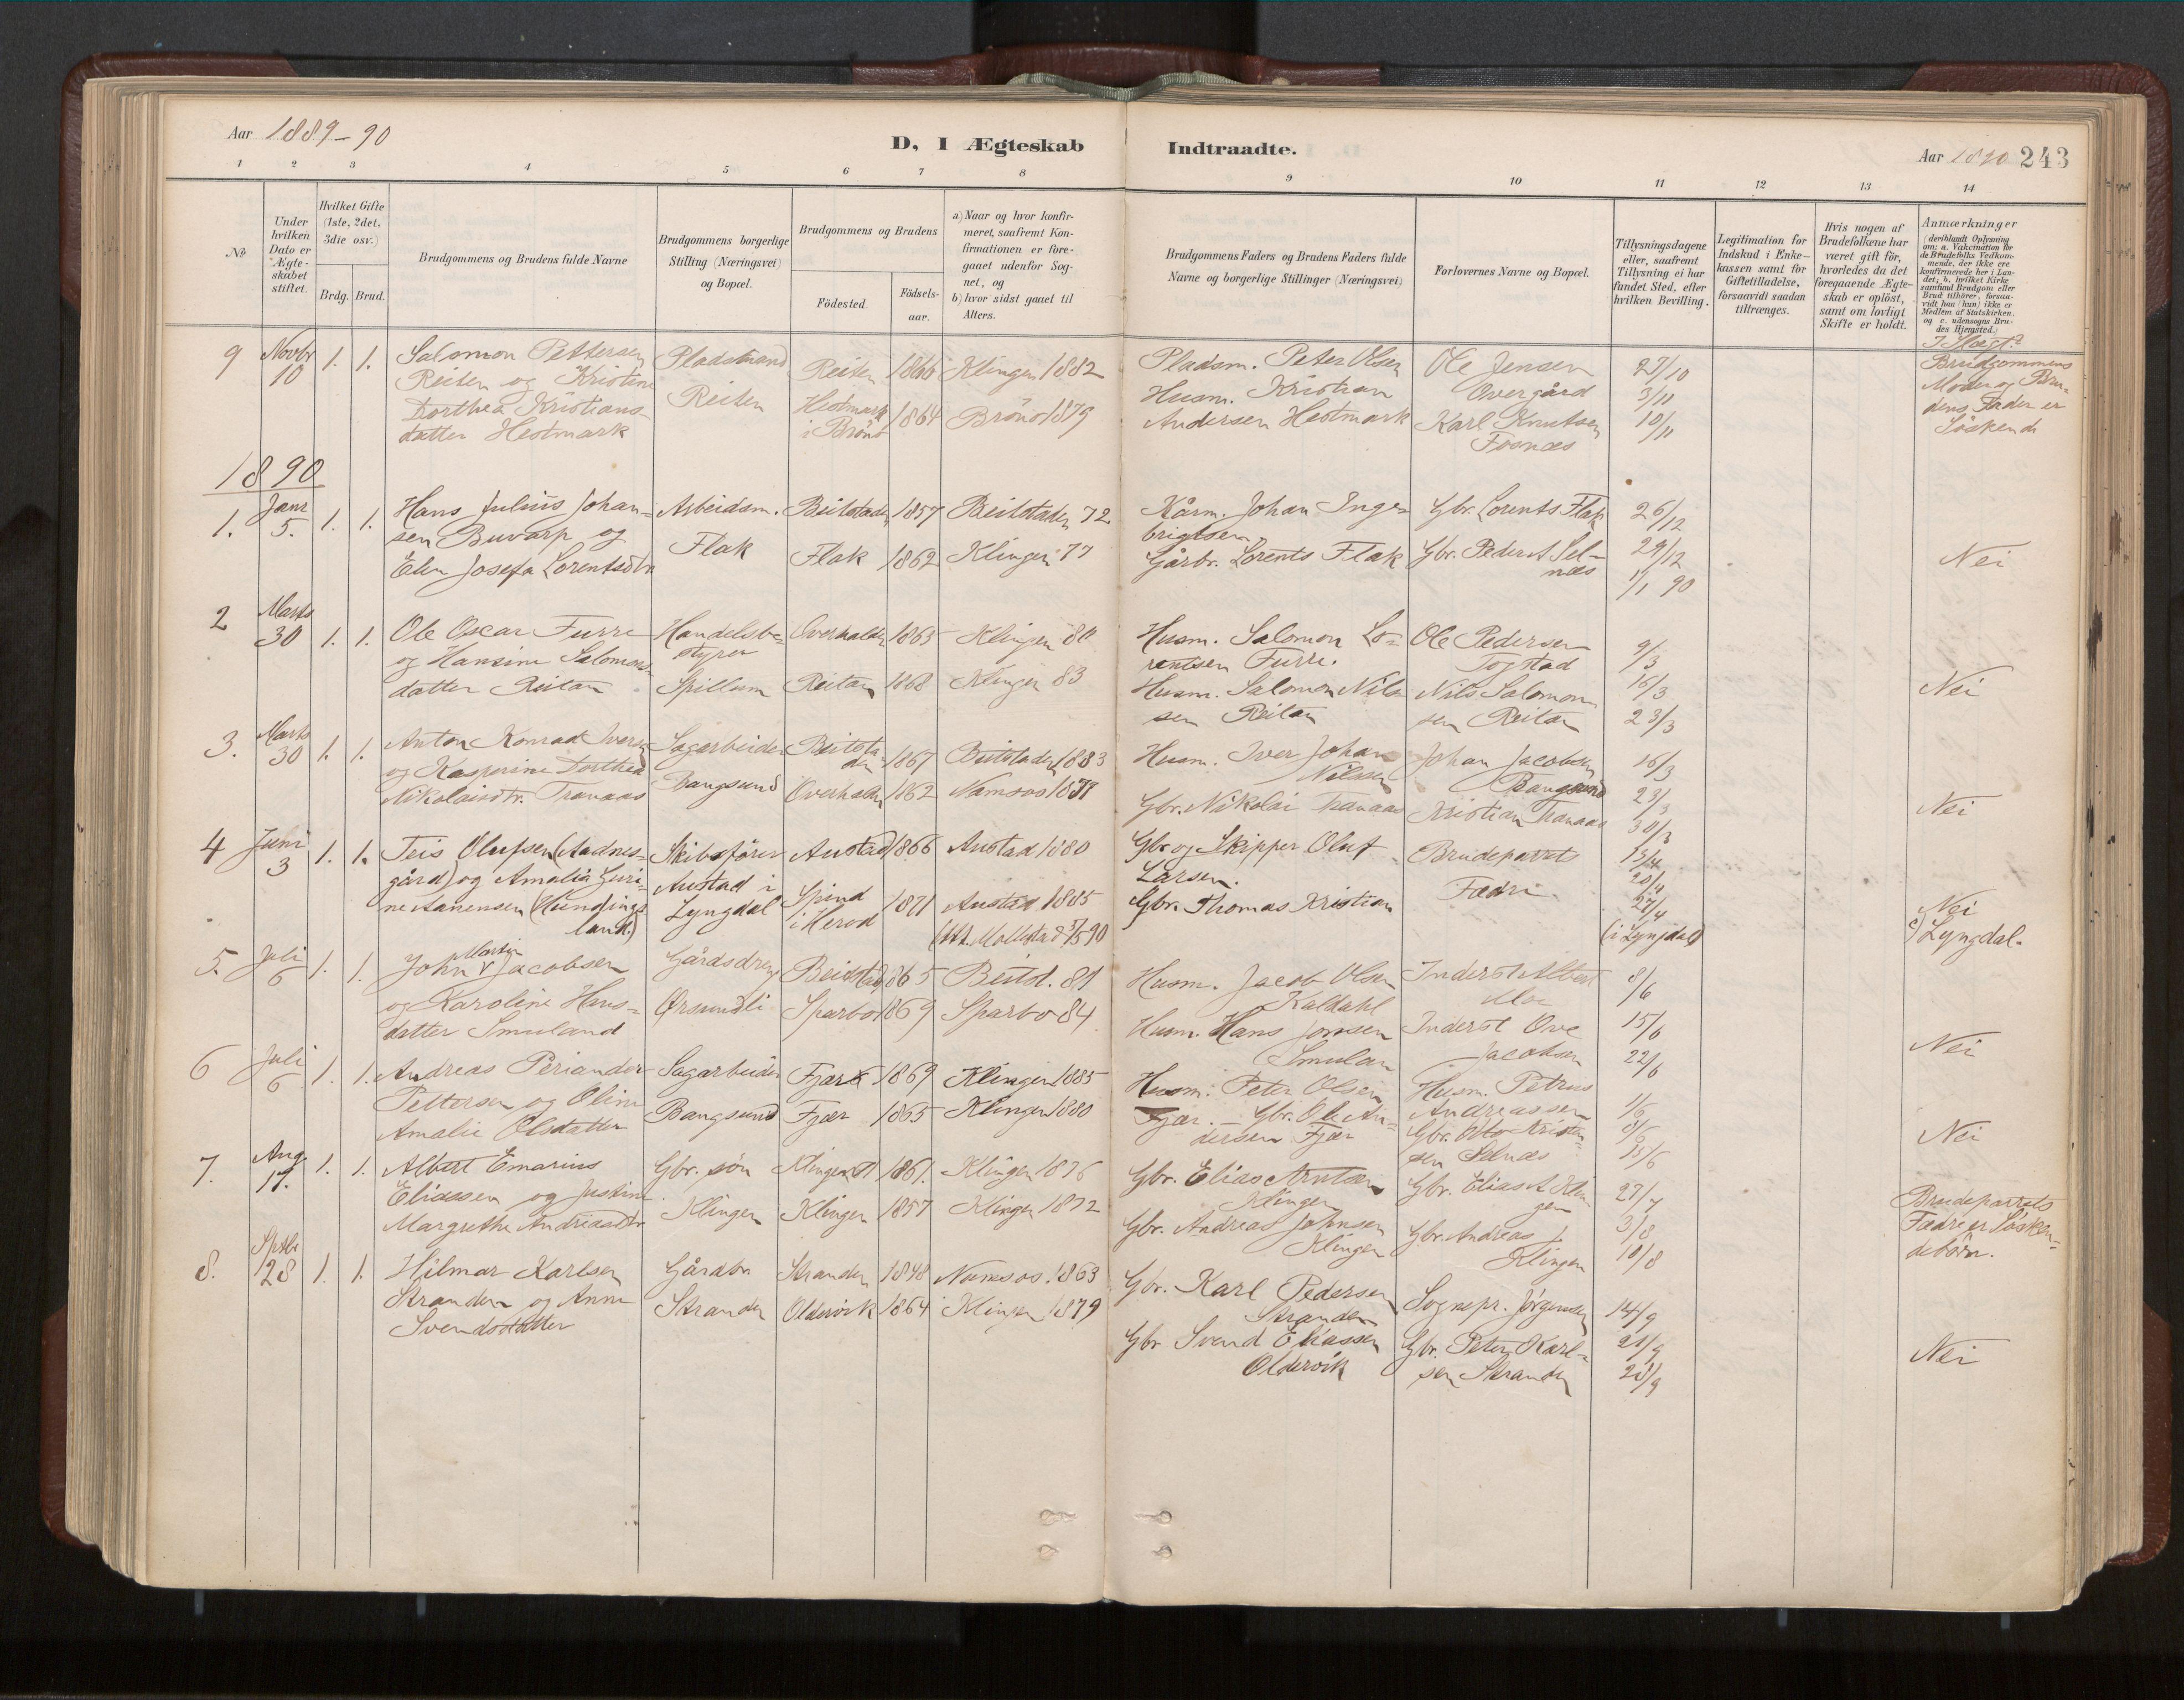 SAT, Ministerialprotokoller, klokkerbøker og fødselsregistre - Nord-Trøndelag, 770/L0589: Ministerialbok nr. 770A03, 1887-1929, s. 243